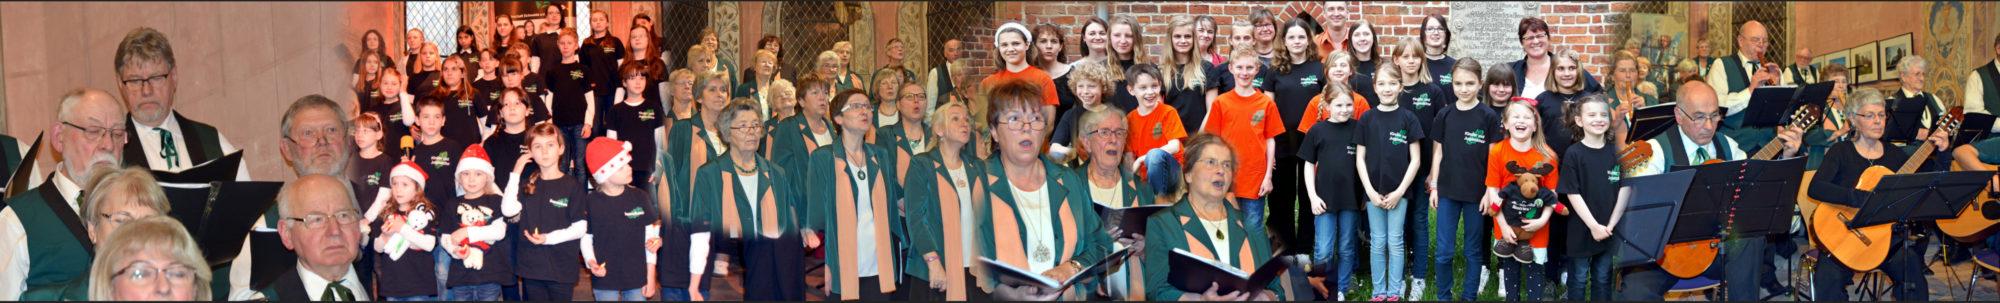 Wir singen gern!